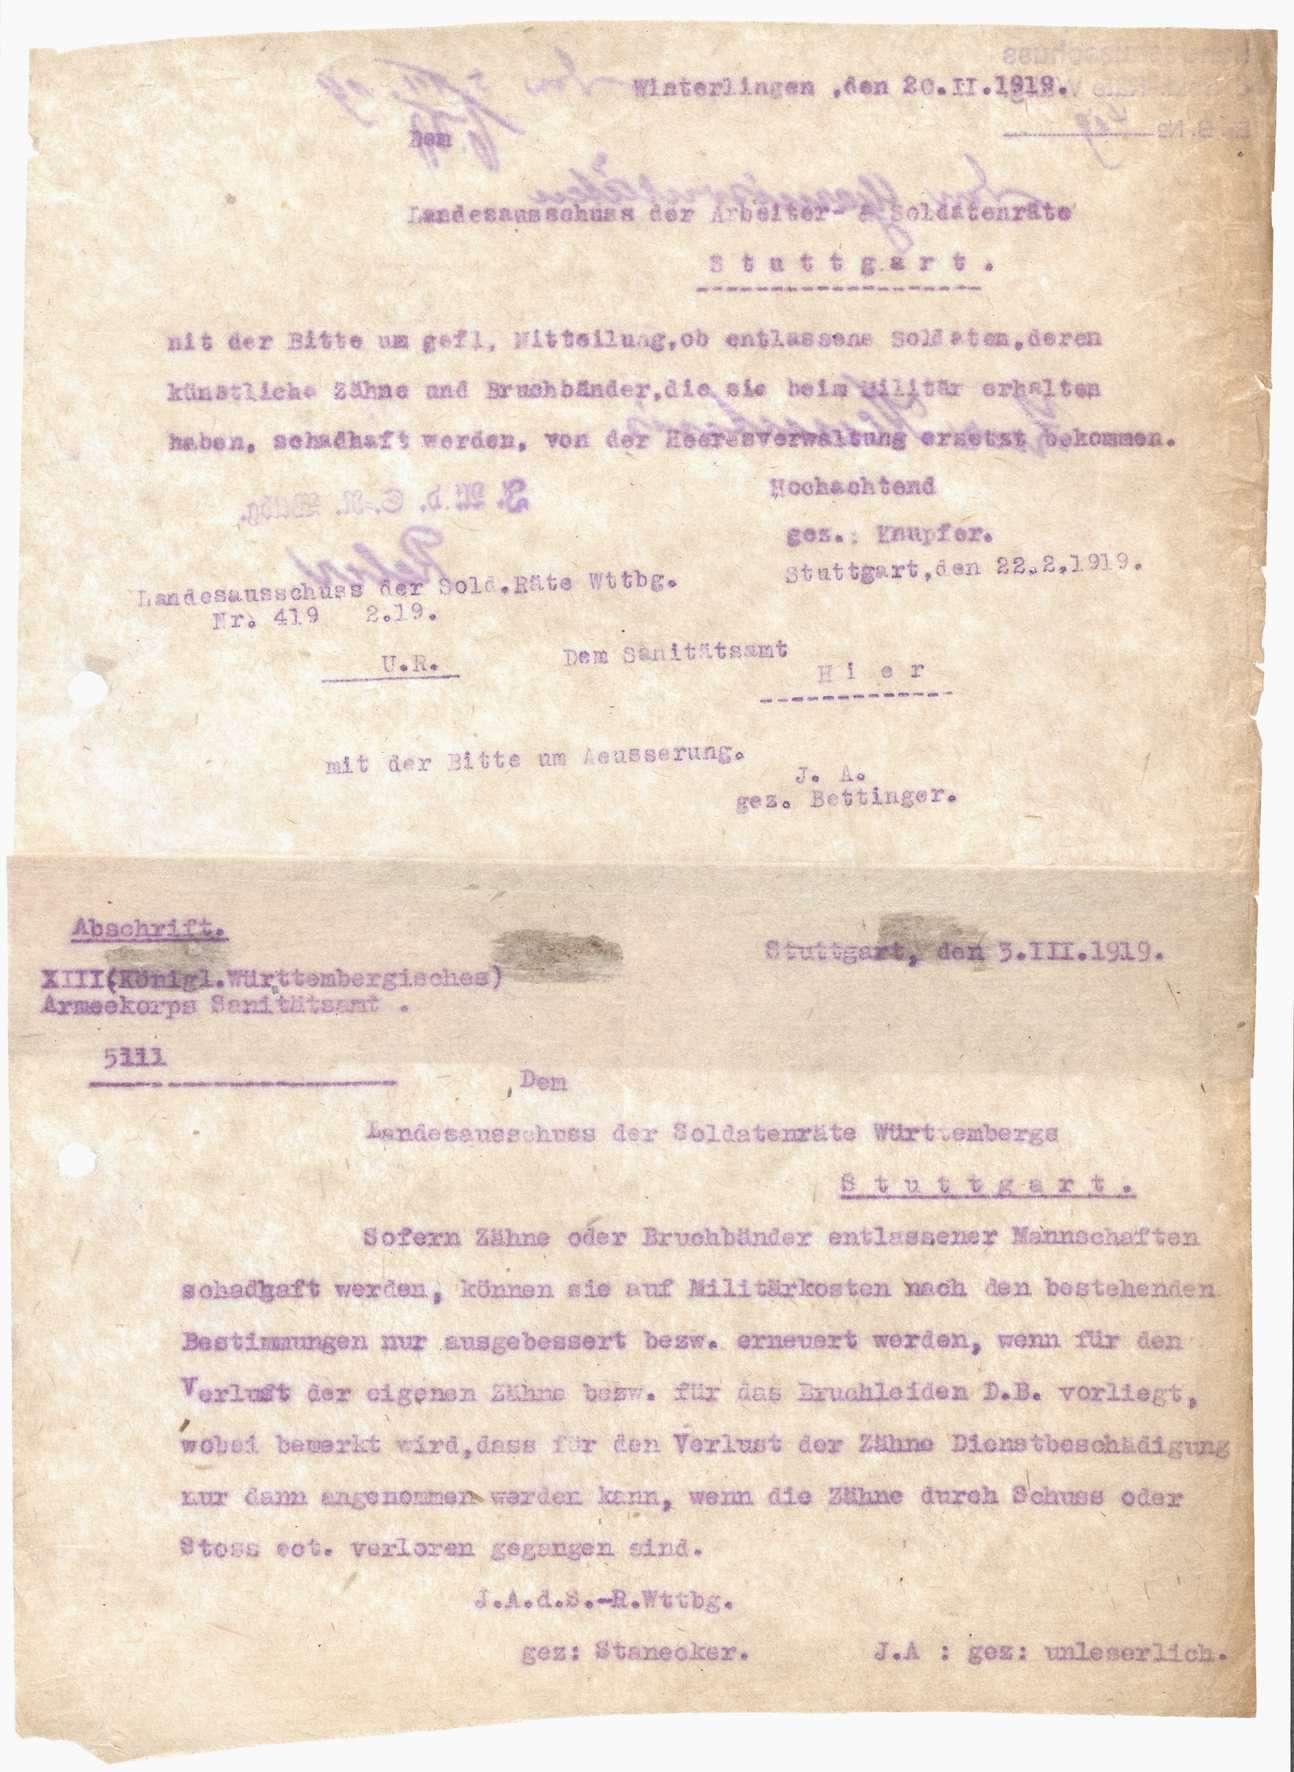 Mitteilung des Landesausschusses der Soldatenräte über den Ersatz von beim Militär erhaltenen, schadhaft gewordenen künstlichen Zähnen und Bruchbändern, Bild 1